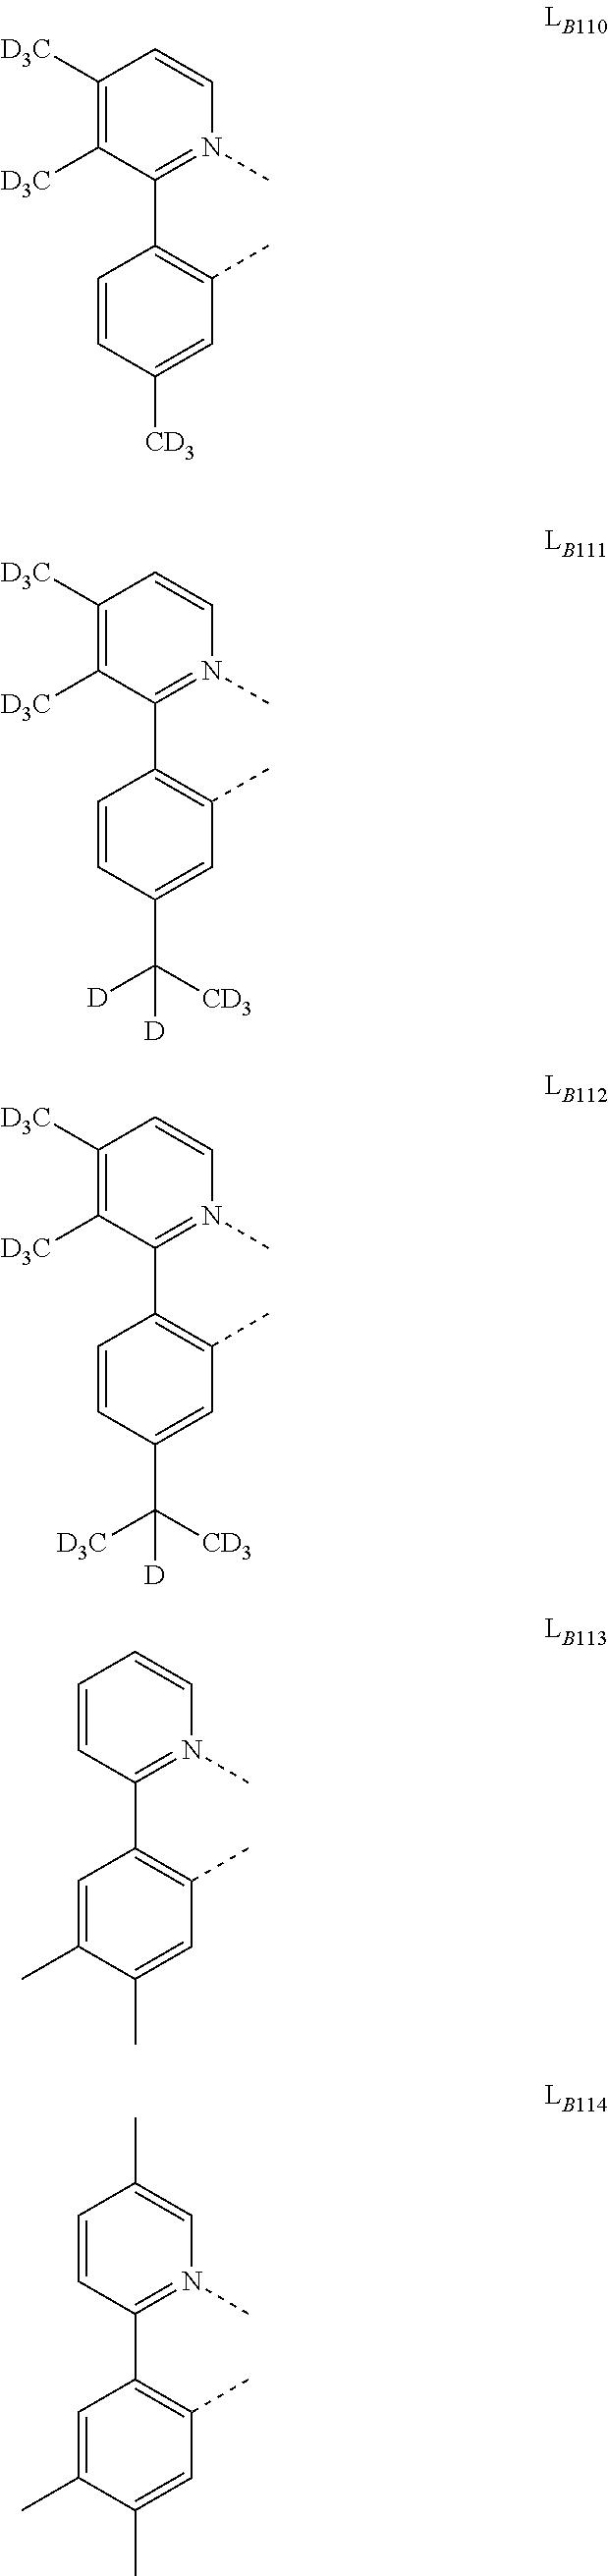 Figure US20180130962A1-20180510-C00281